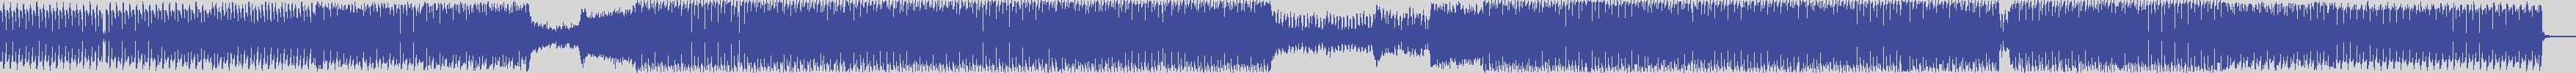 just_digital_records [JS1143] Homeboyz - Psyco [Mdg Mental Mix] audio wave form